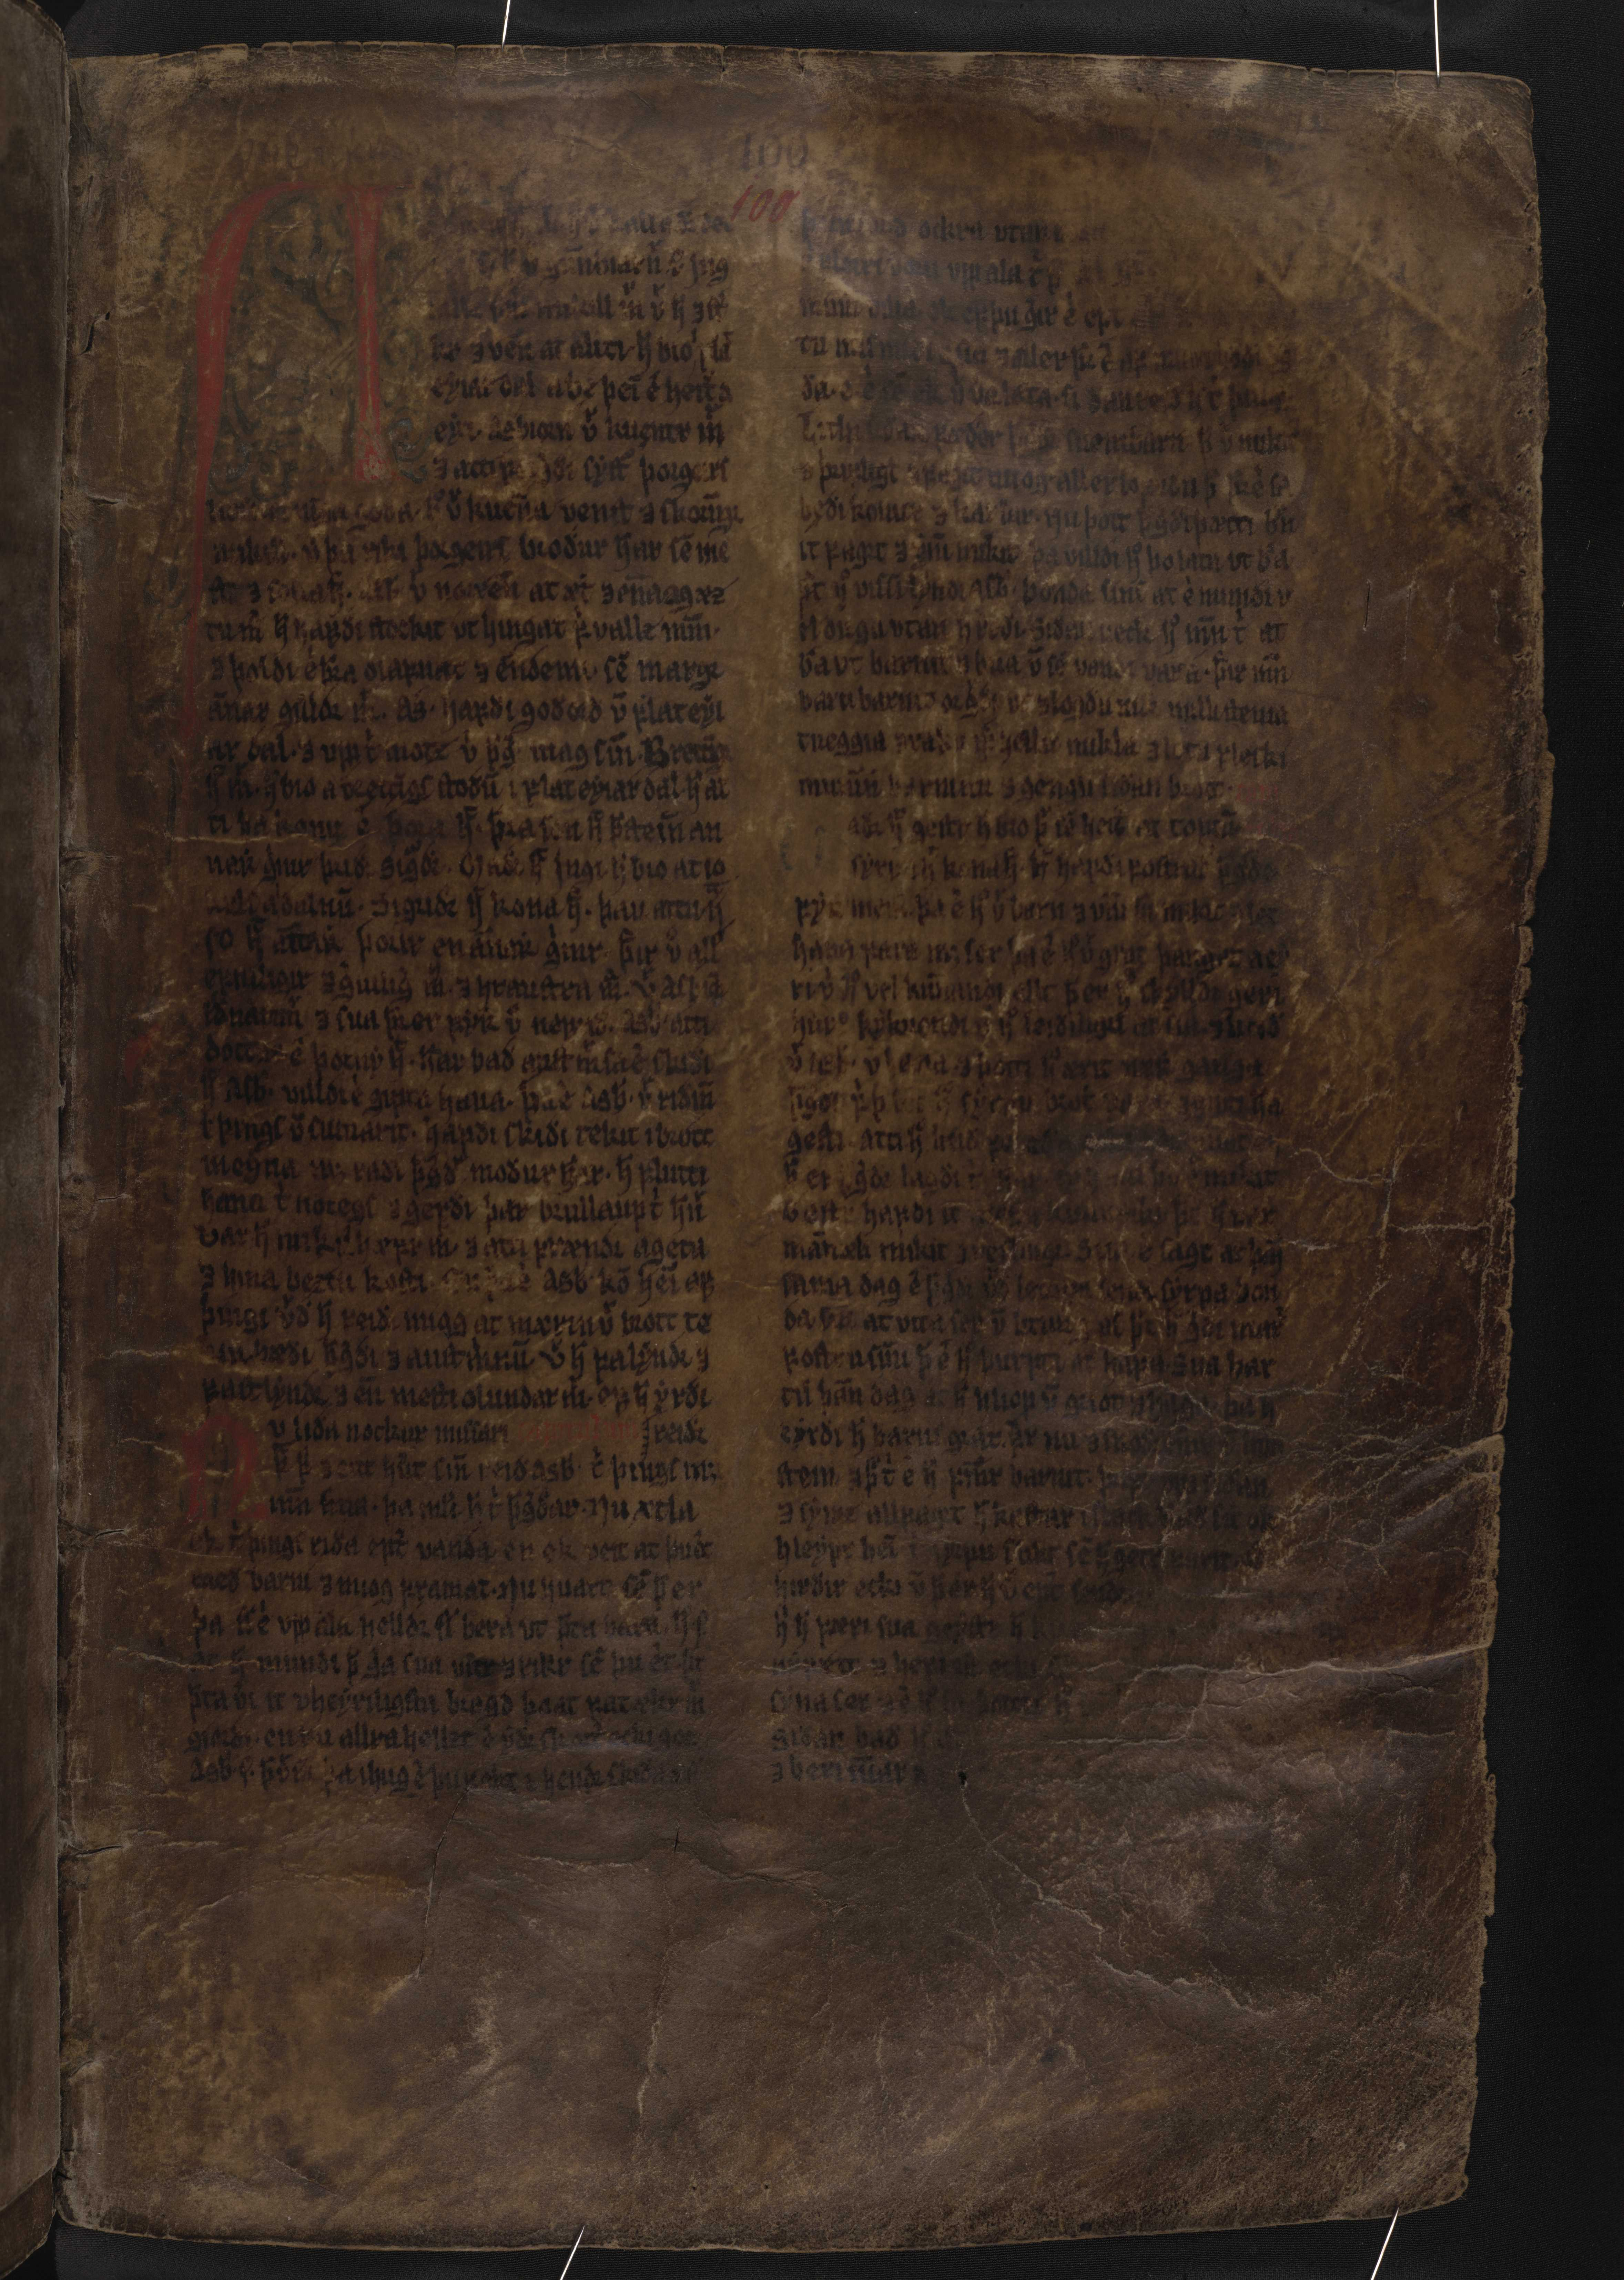 AM 132 fol - 100r